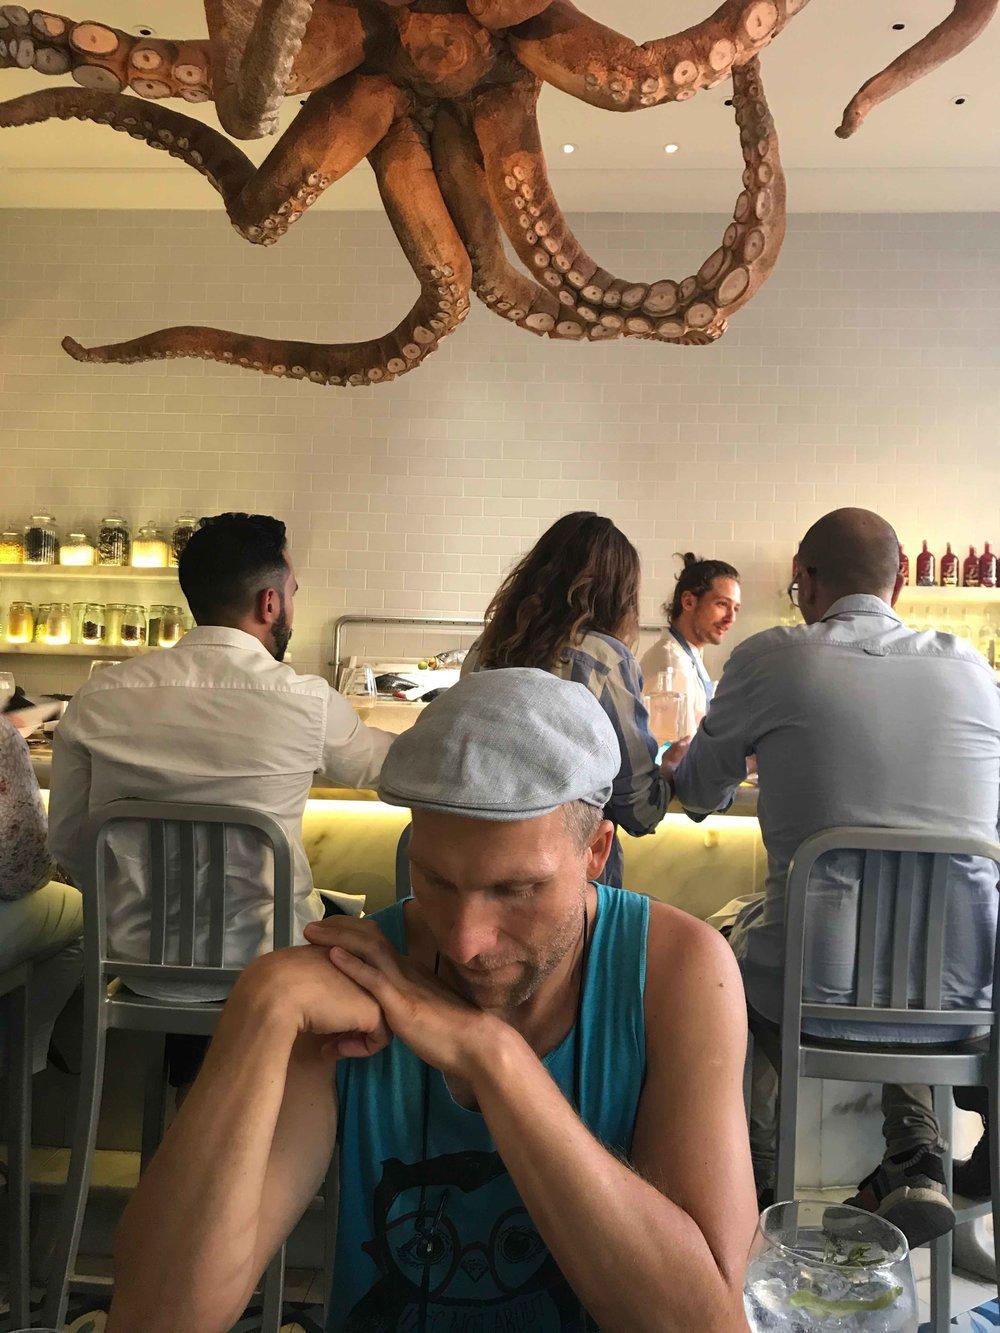 #othalo #lissabon #portugal #disawistories #chefkiko #kulinarisches #genuss.jpg